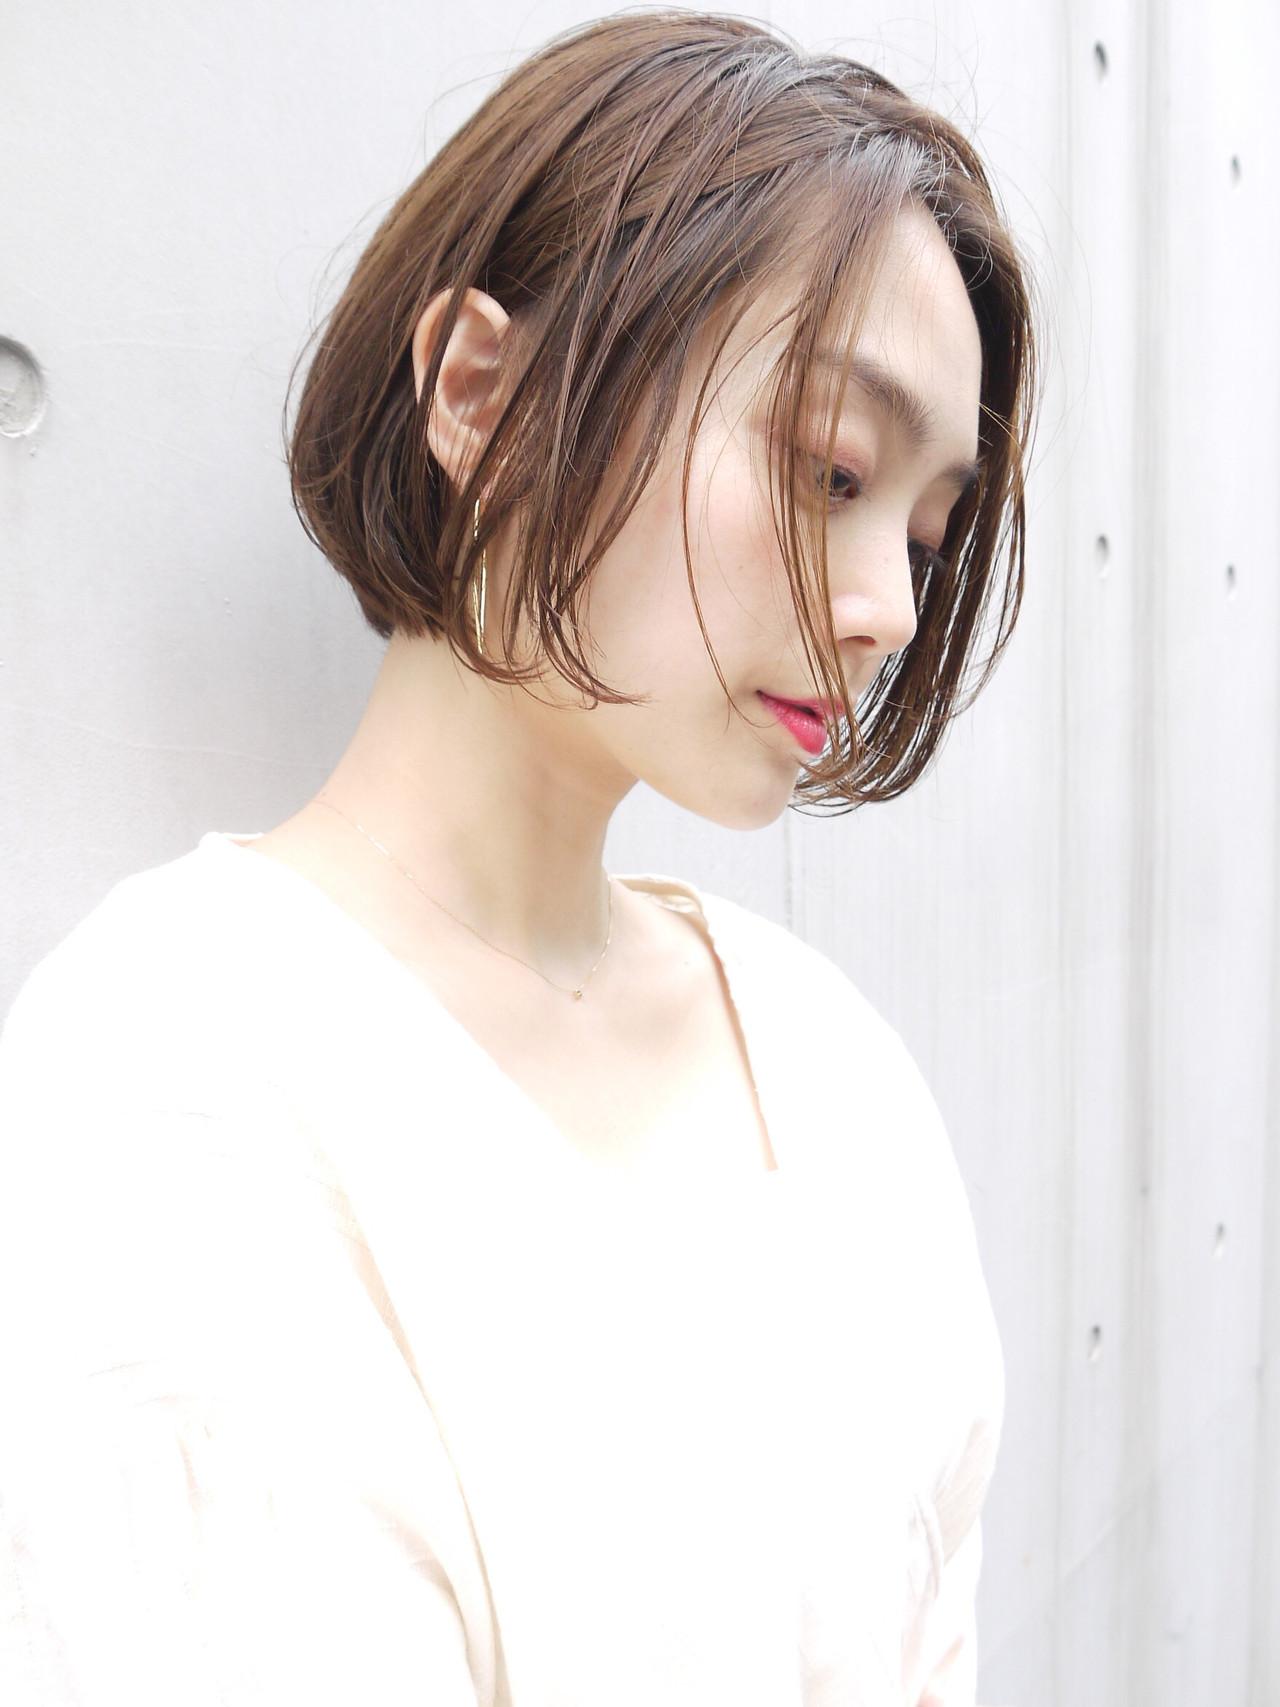 ボブ イルミナカラー 大人かわいい オフィス ヘアスタイルや髪型の写真・画像 | HIROKI / roijir / roijir